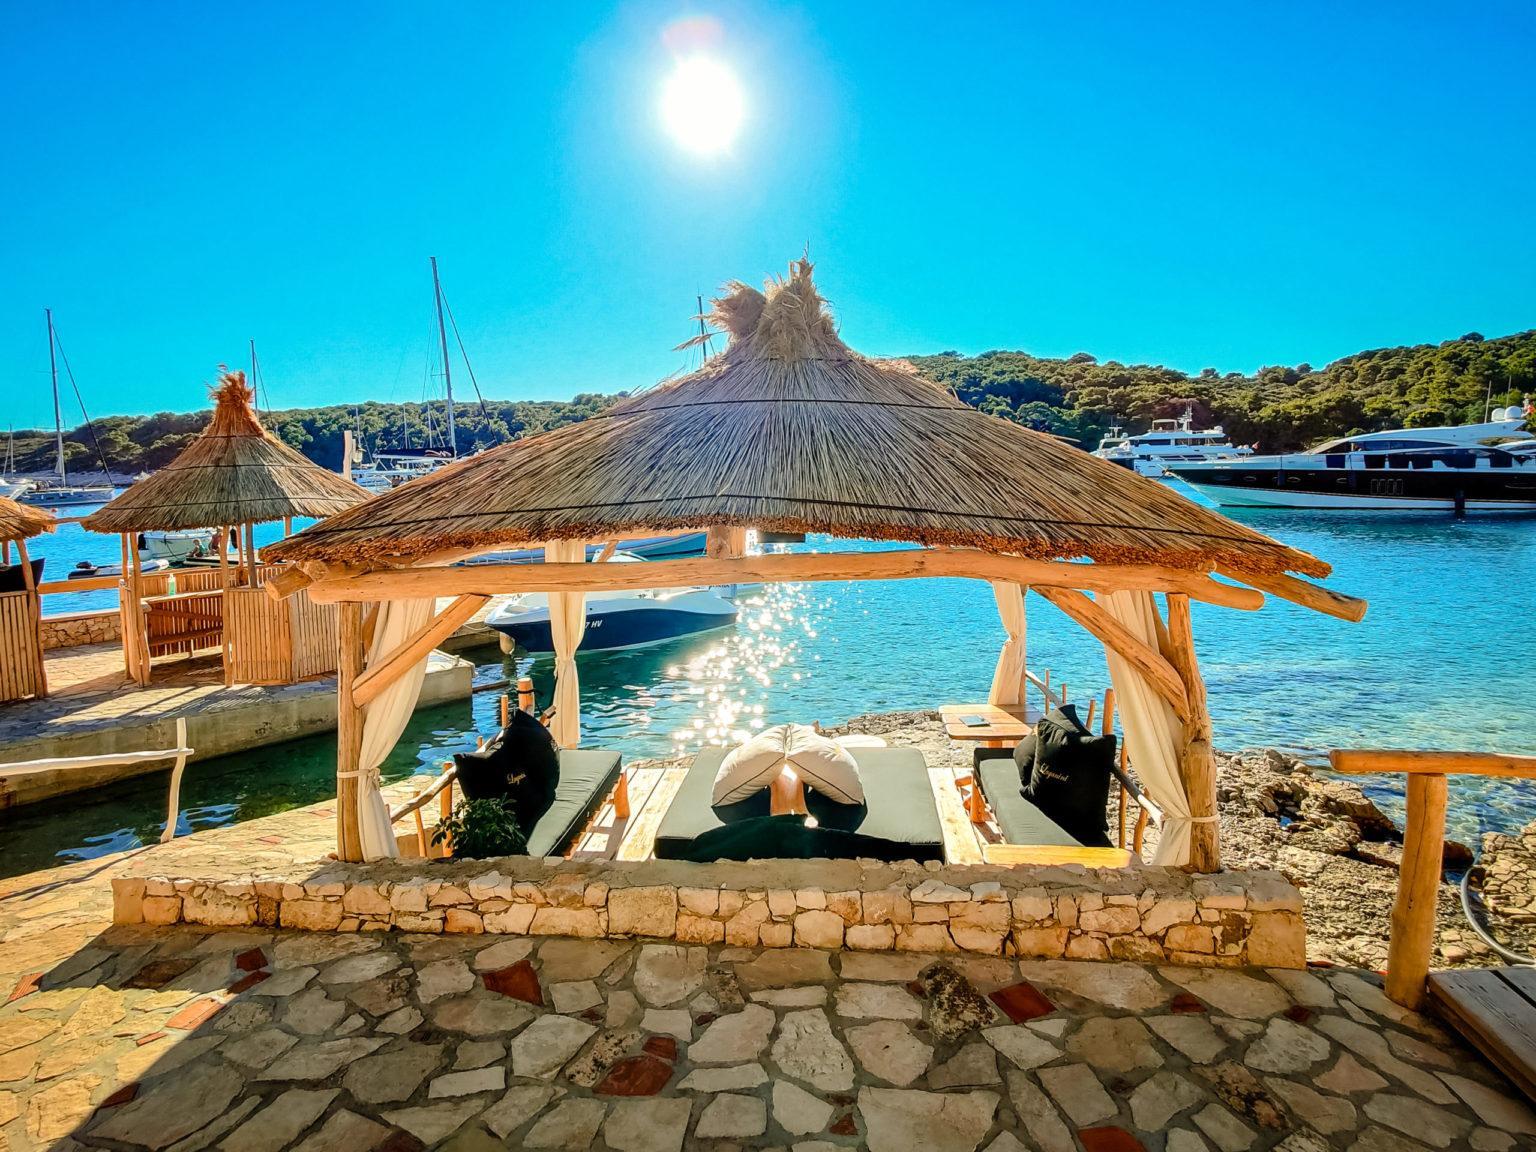 hochzeitslocation Kroatien location hochzeit heiraten 8 5 scaled - Beachclub in der Bucht